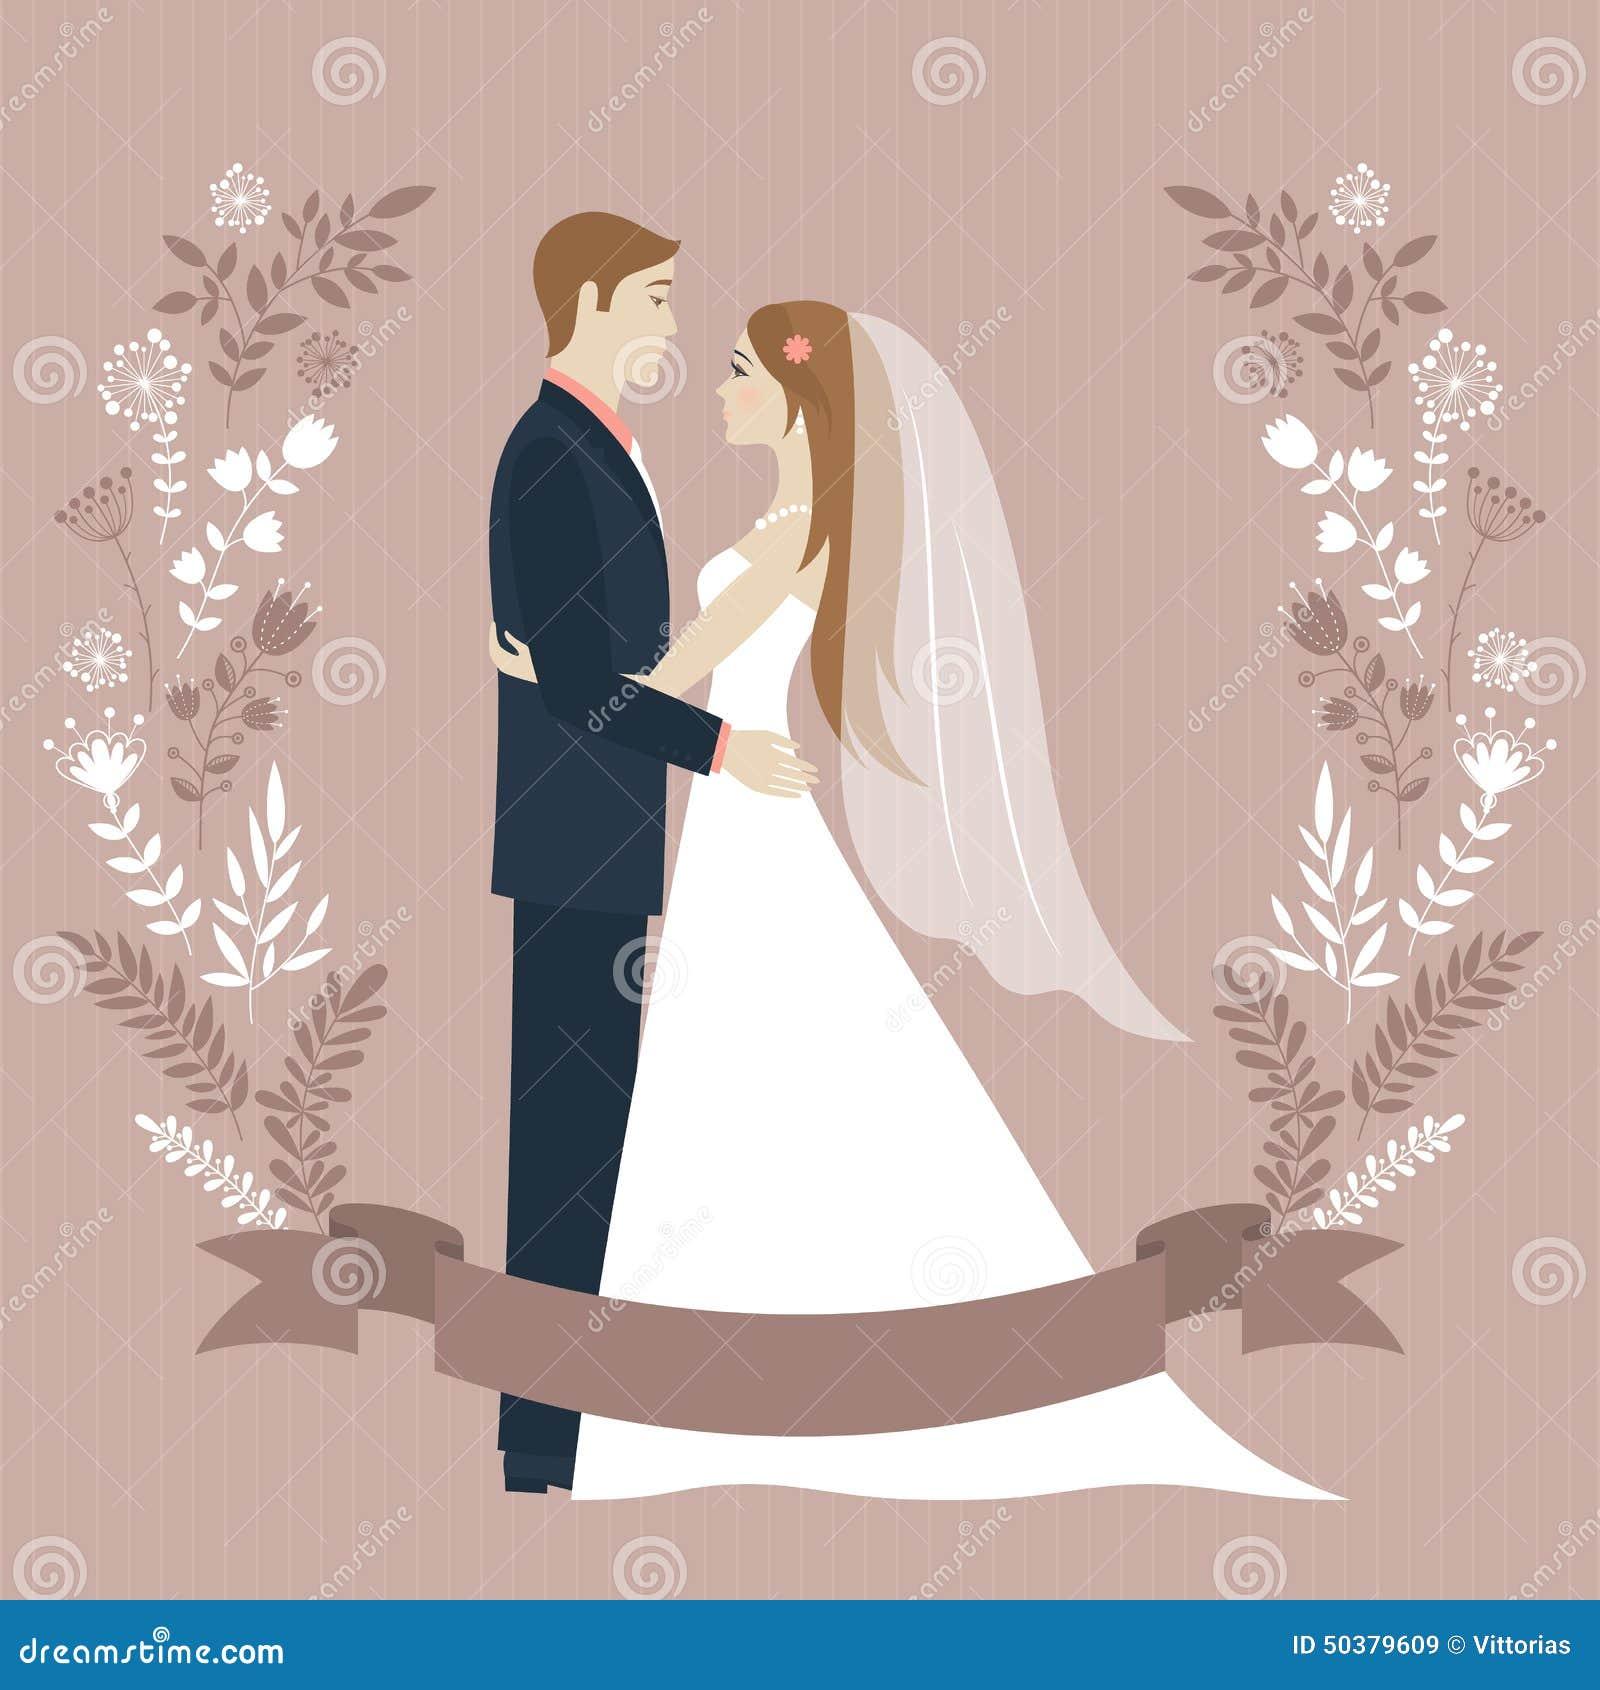 Vintage bride illustration